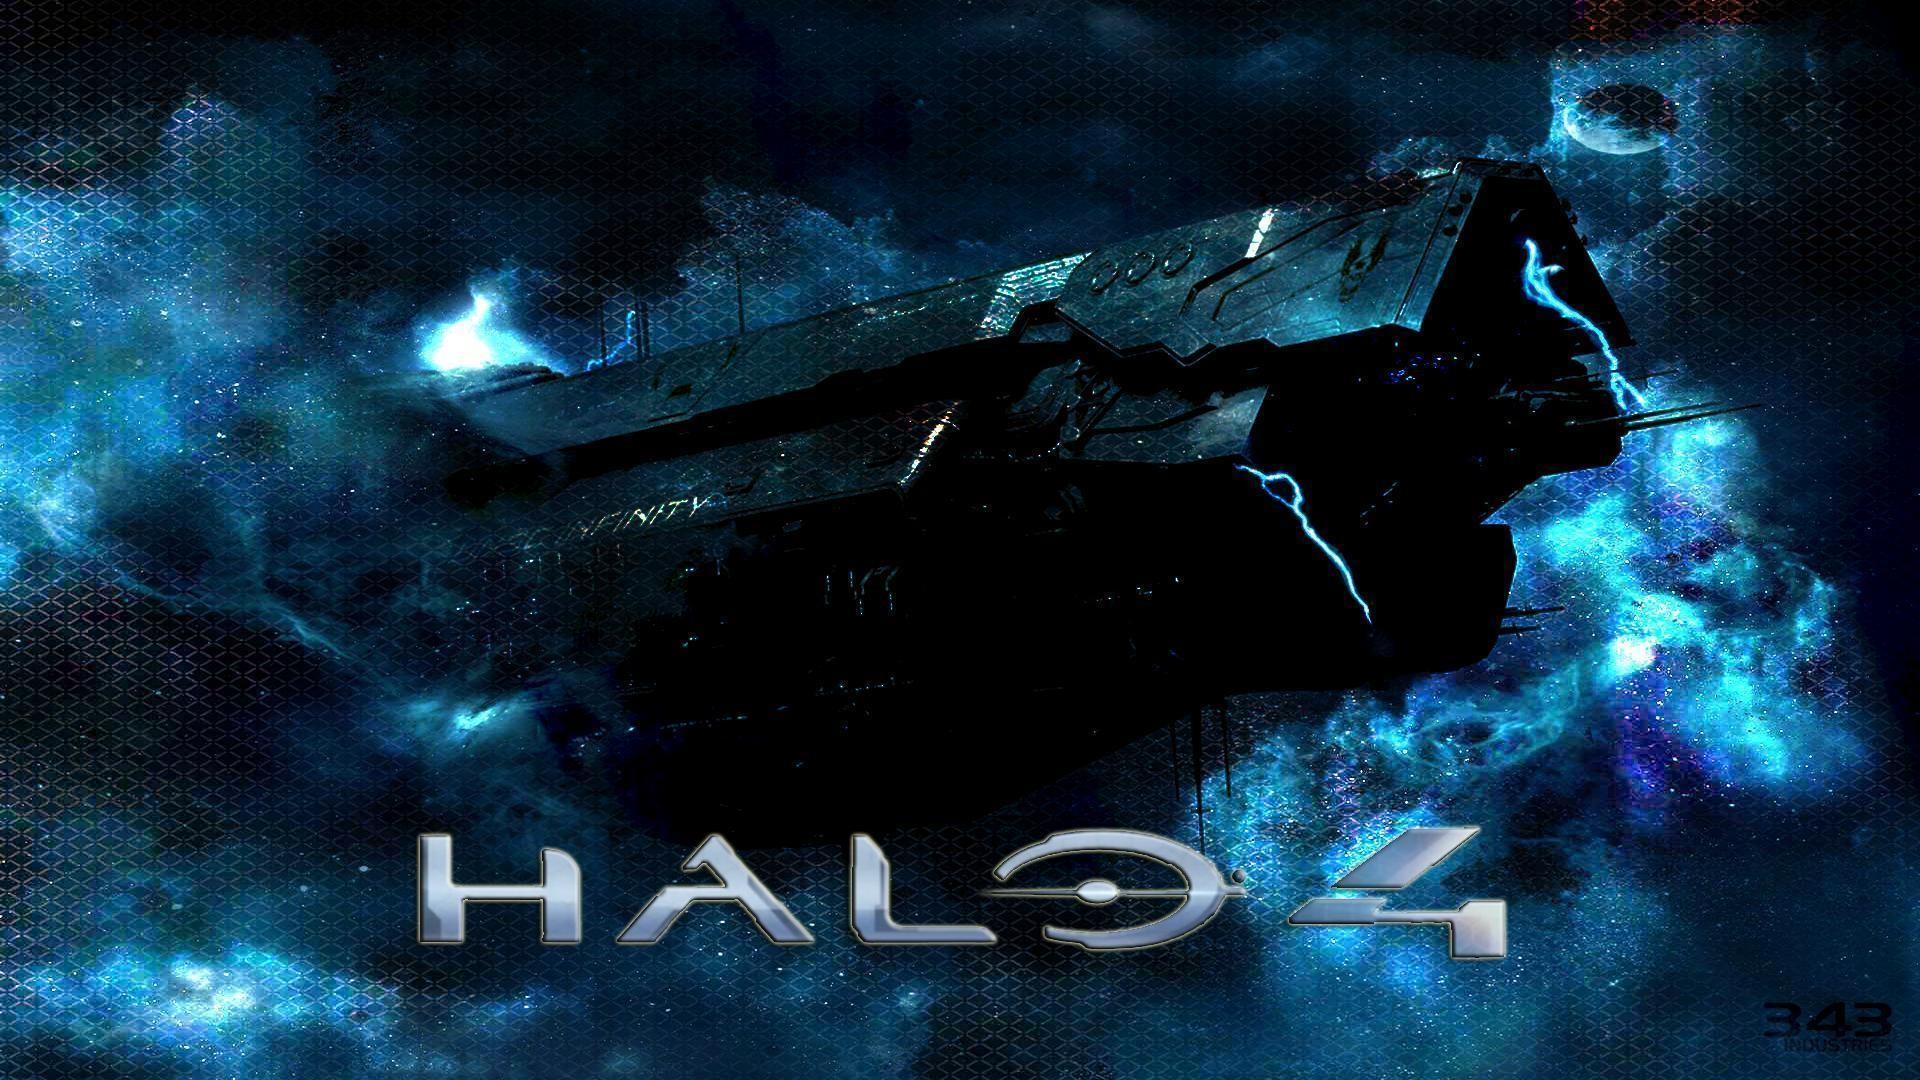 Halo 4 Wallpaper Wrap-Up | Rebel Gaming